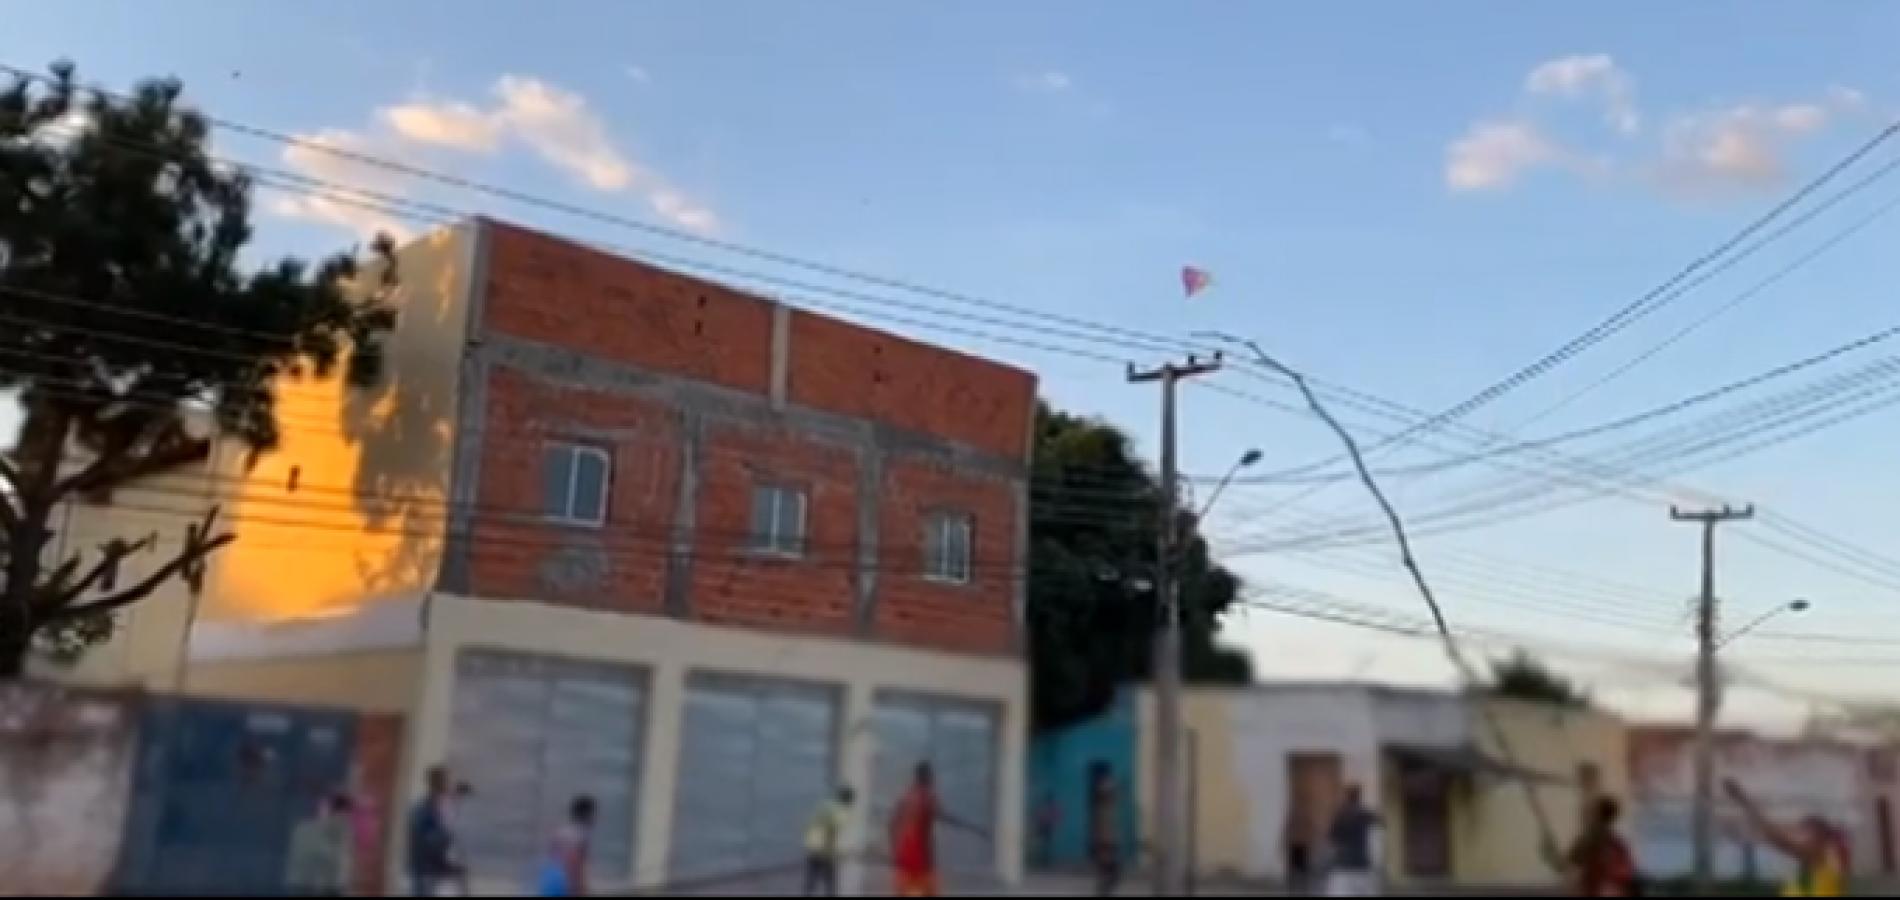 Adolescentes e adultos lotam rua para empinar pipa com risco de acidentes em município do Piauí